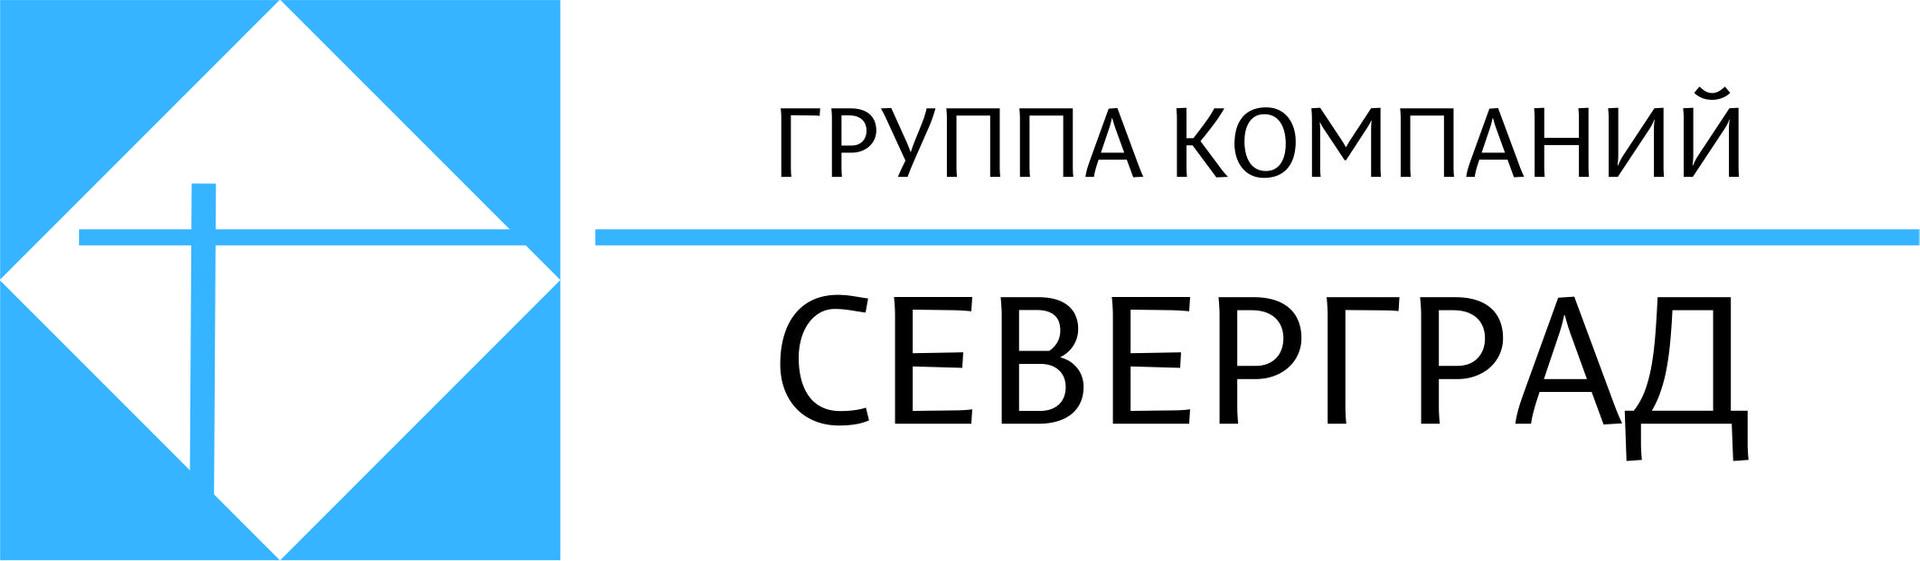 Застройщик «ВИБС-ИНВЕСТ»